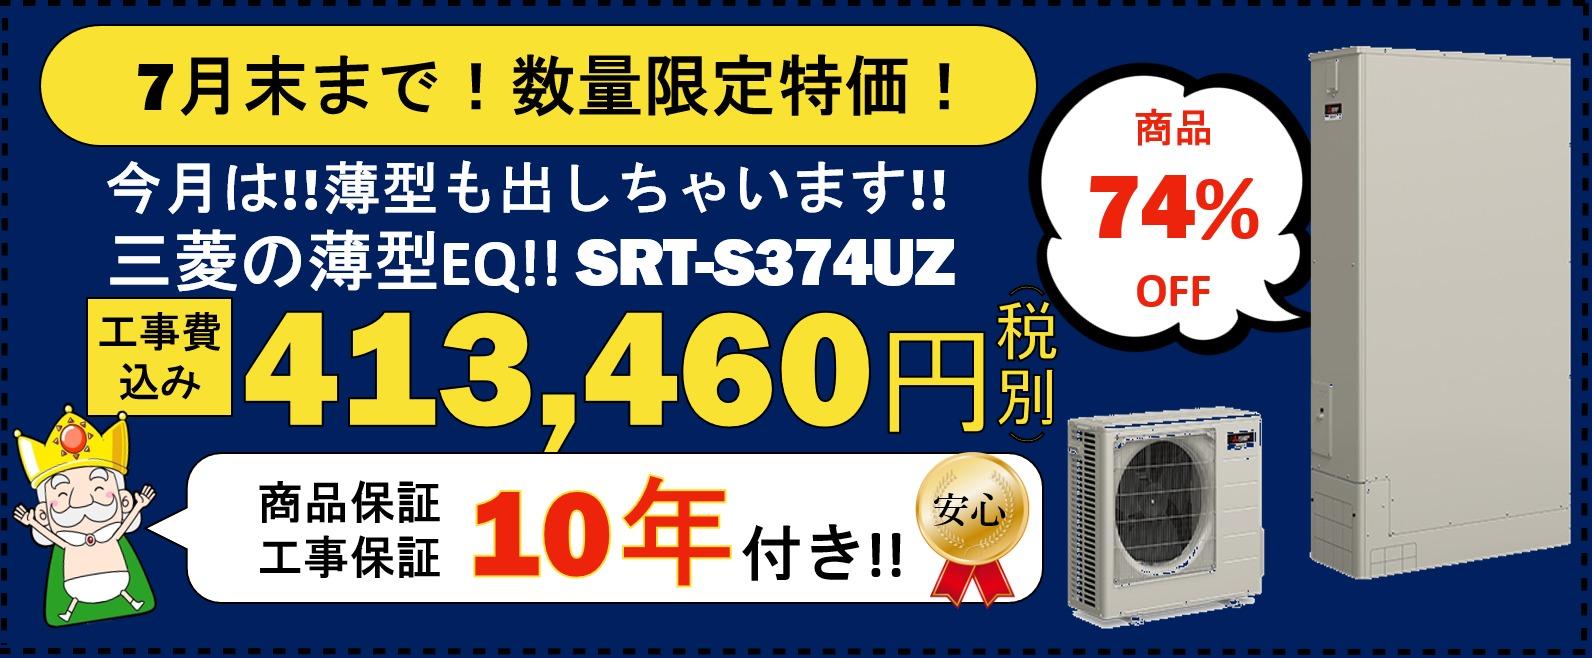 SRT-S374UZ